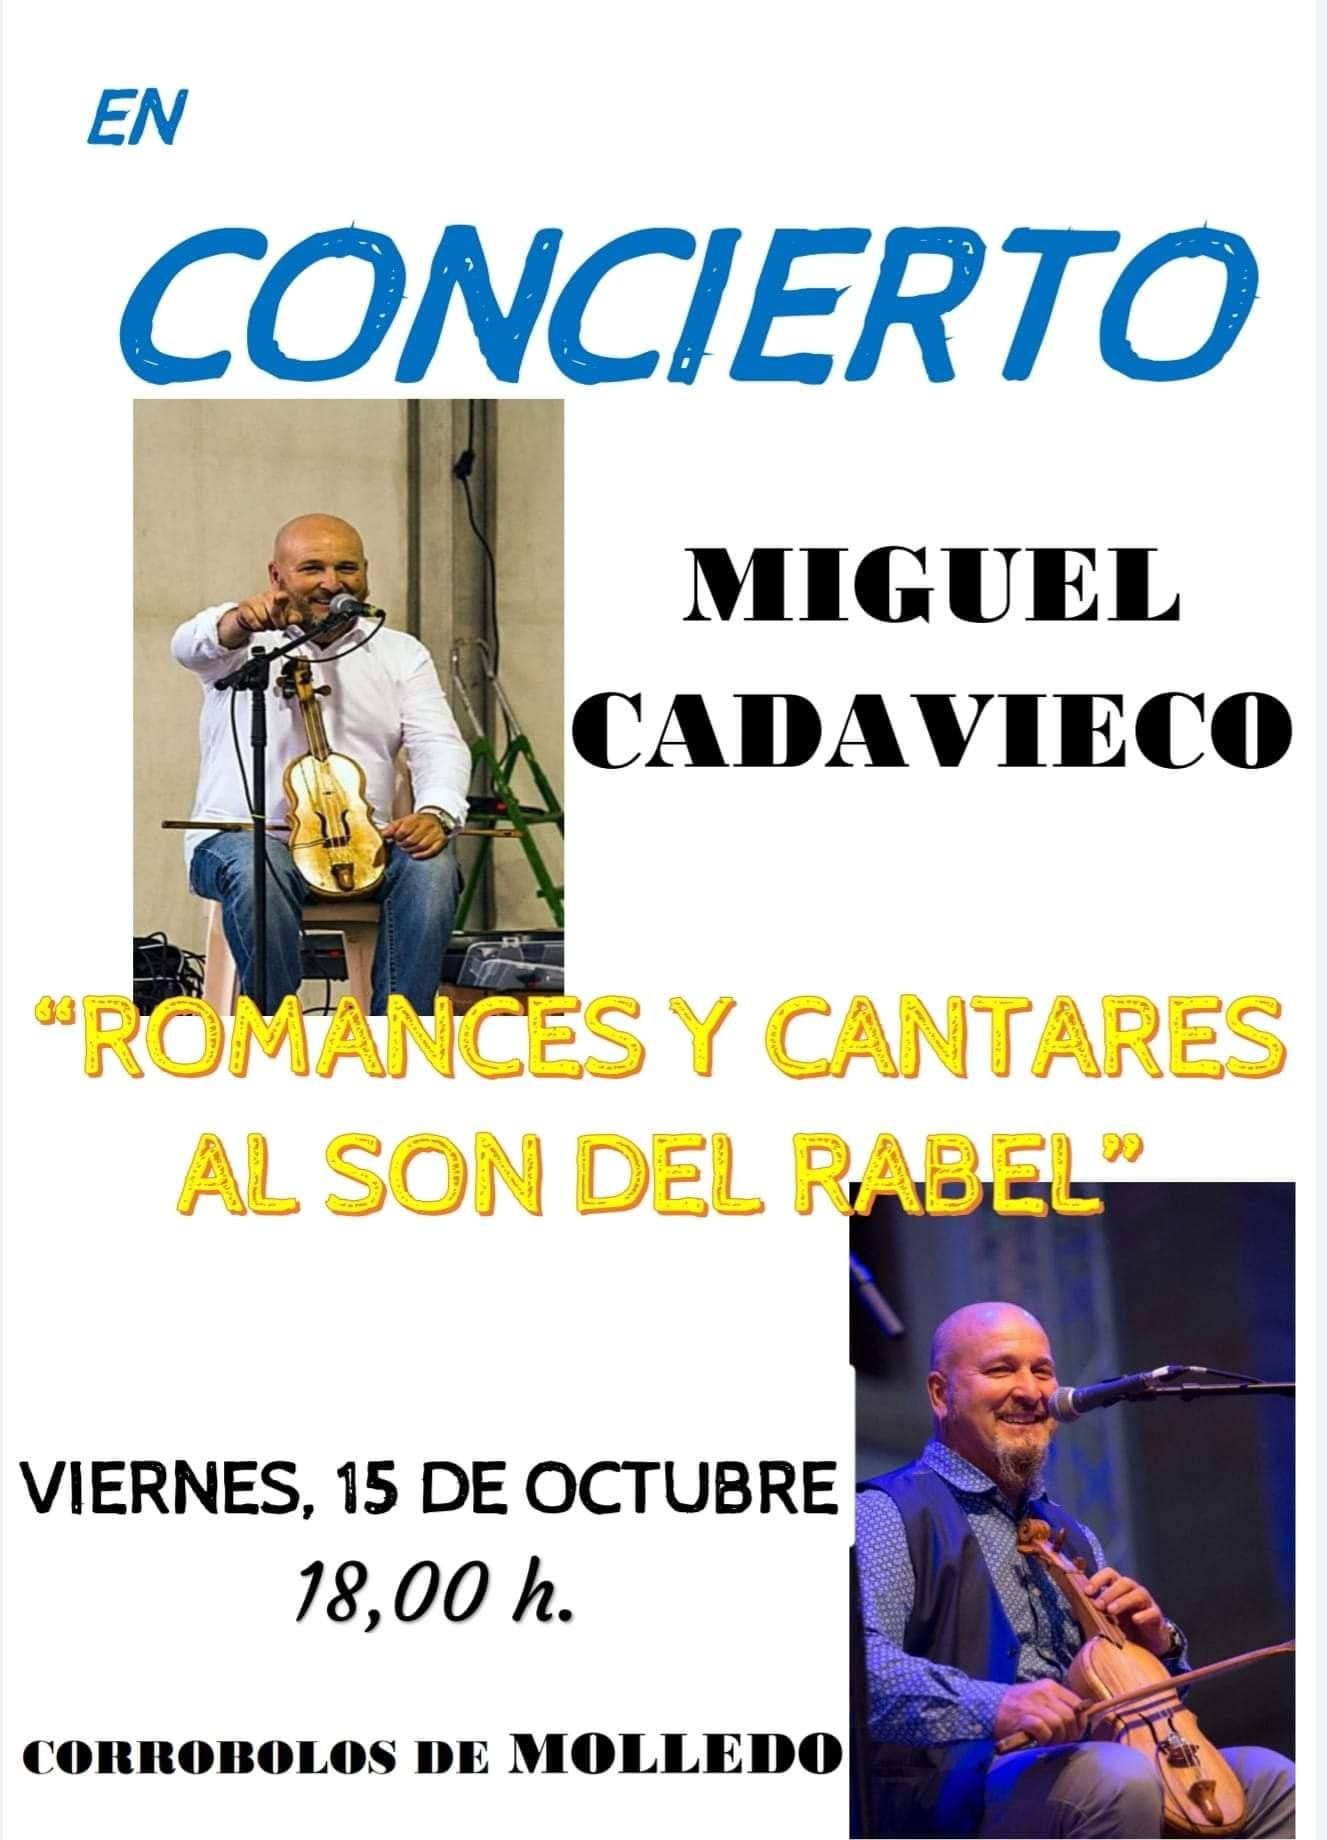 Concierto Miguel Cadavieco